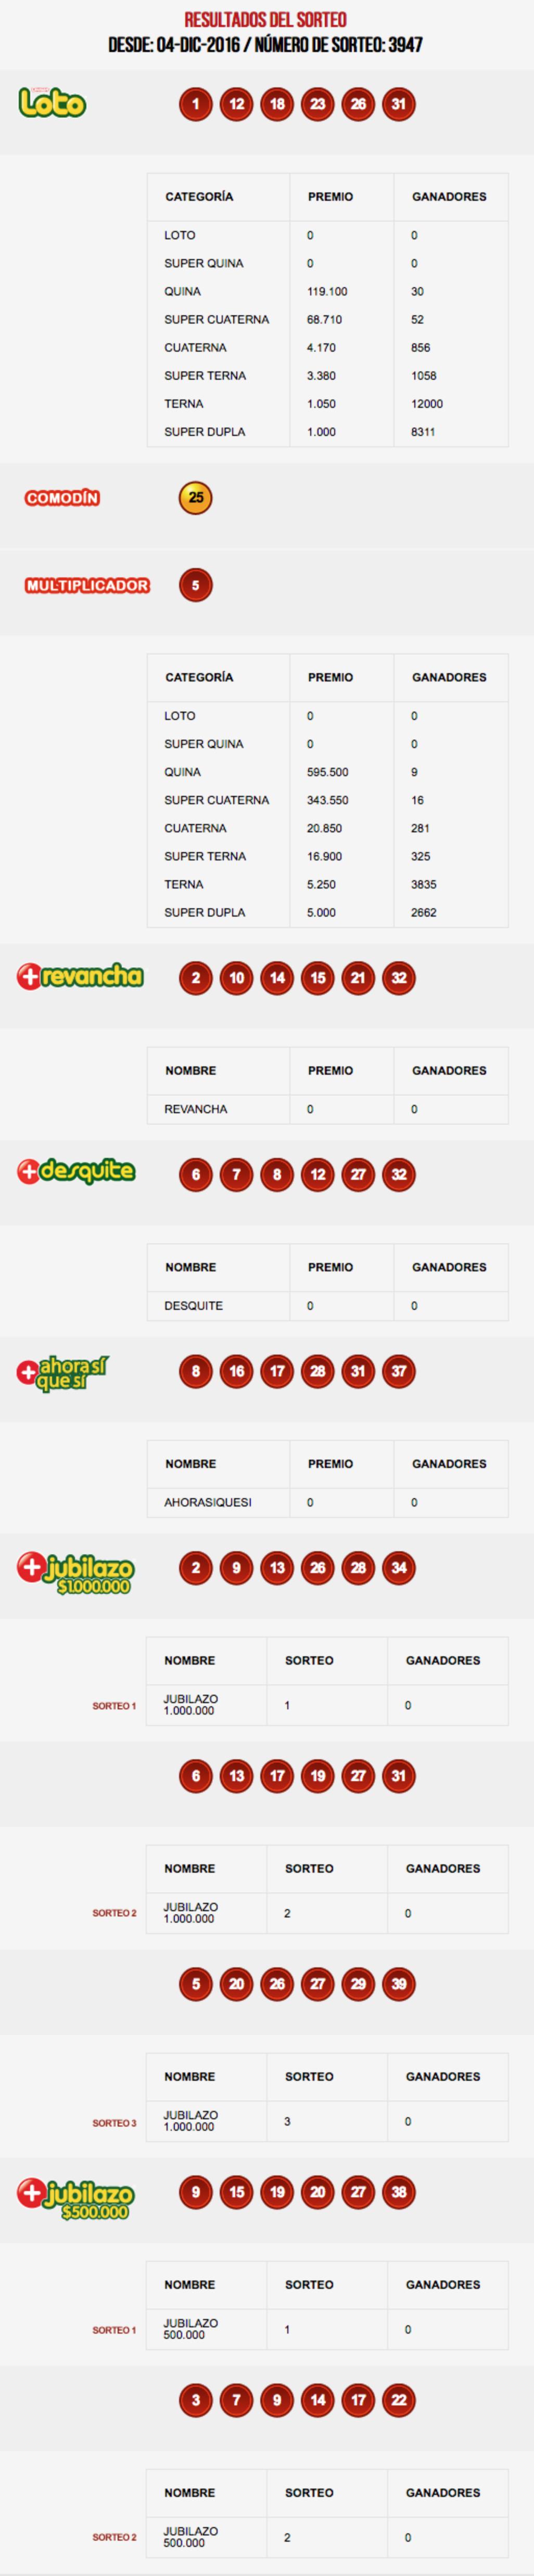 resultados-loto-chile-sorteo-3947-jpeg